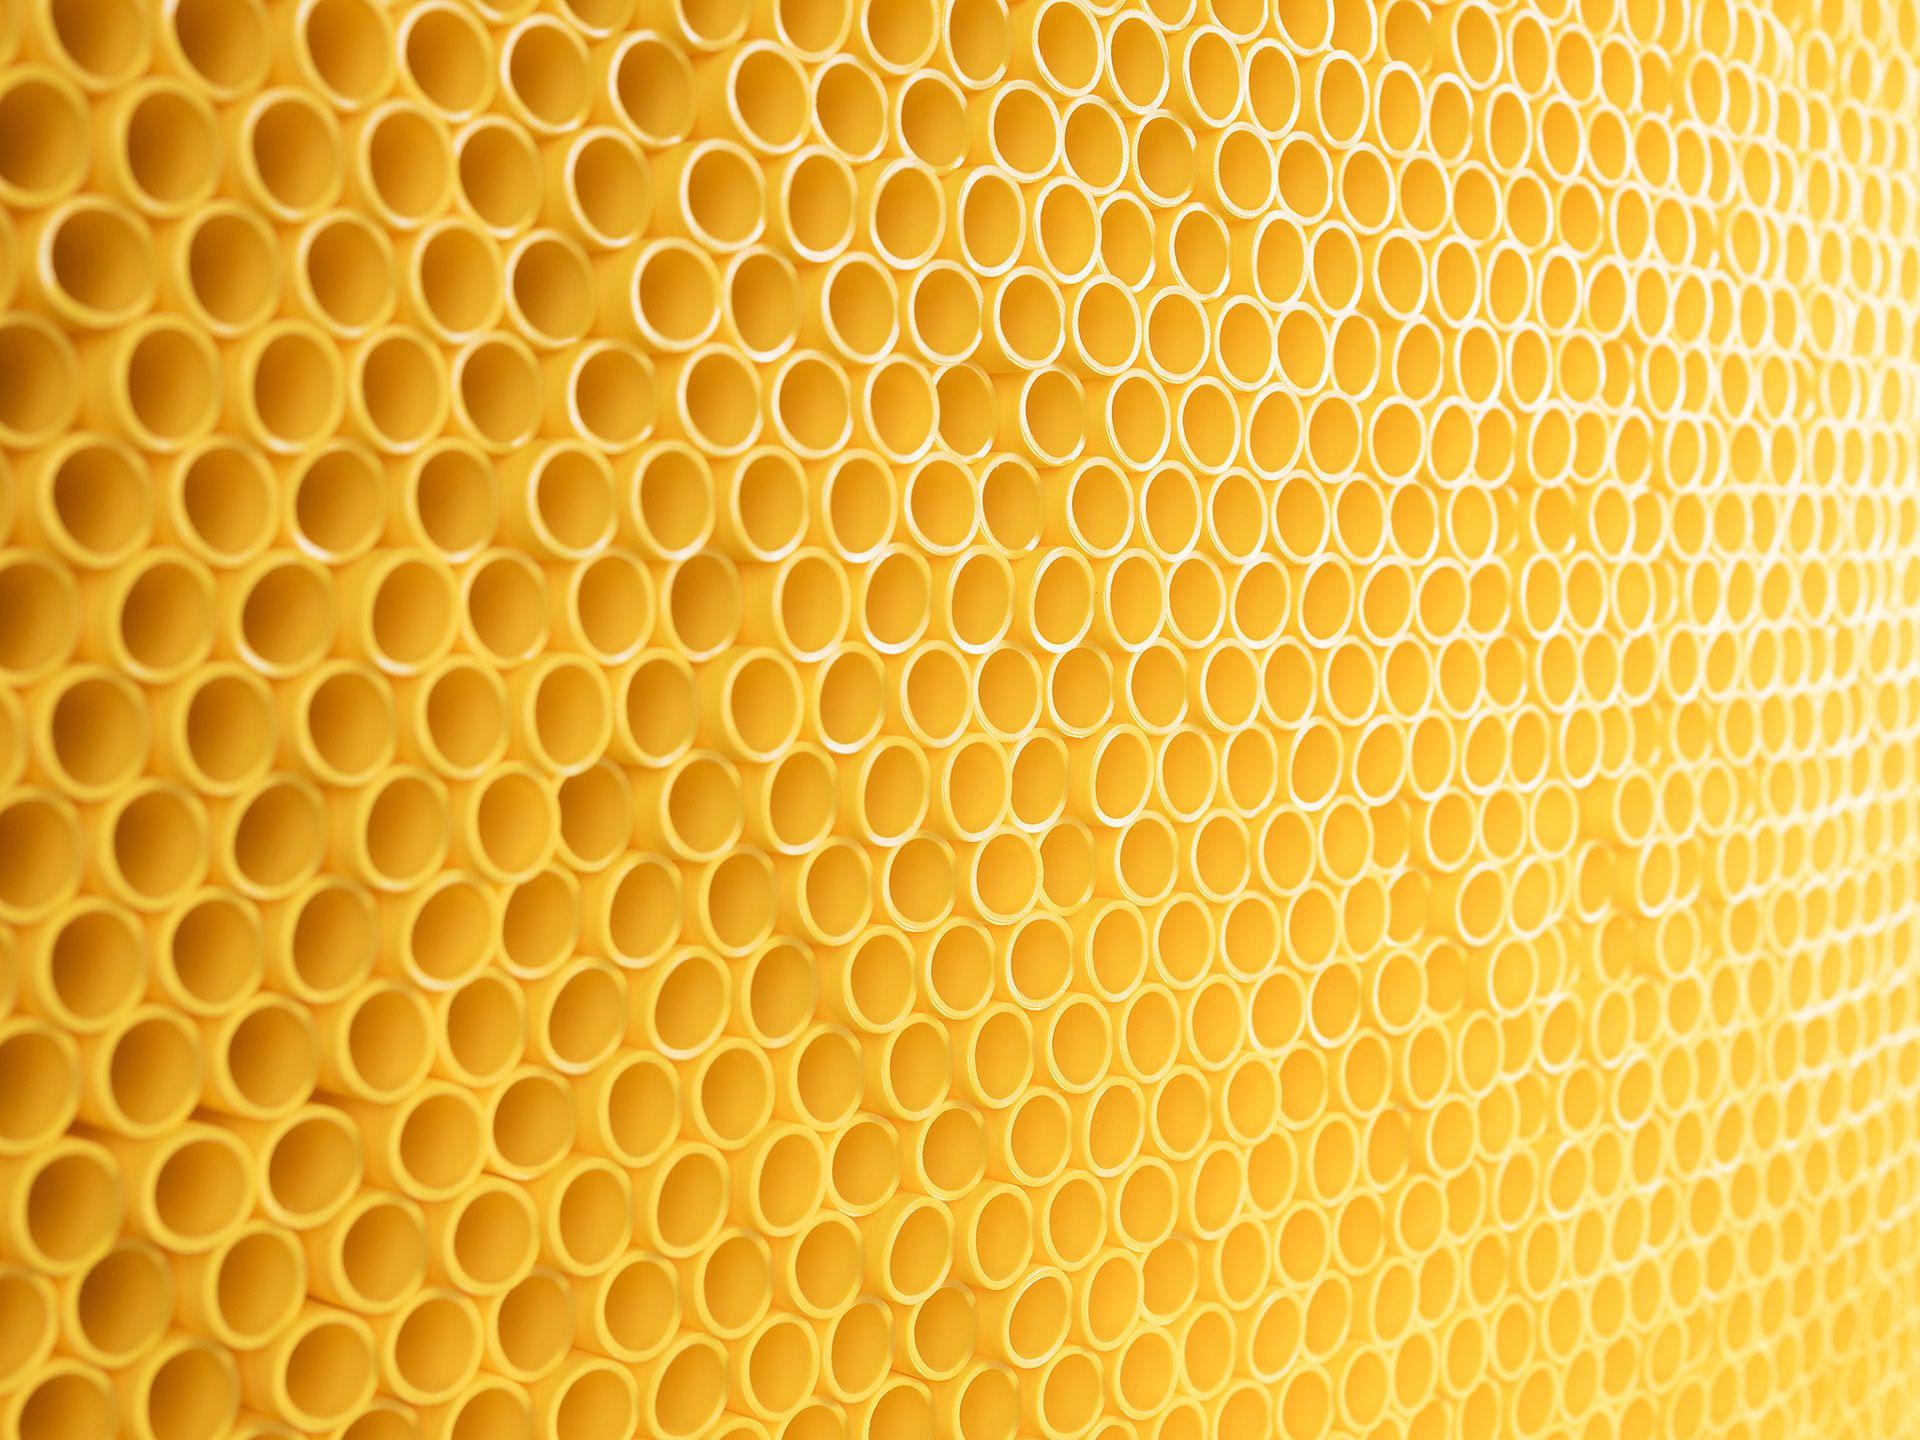 Un mur de tuyaux jaunes empilés les uns sur les autres.